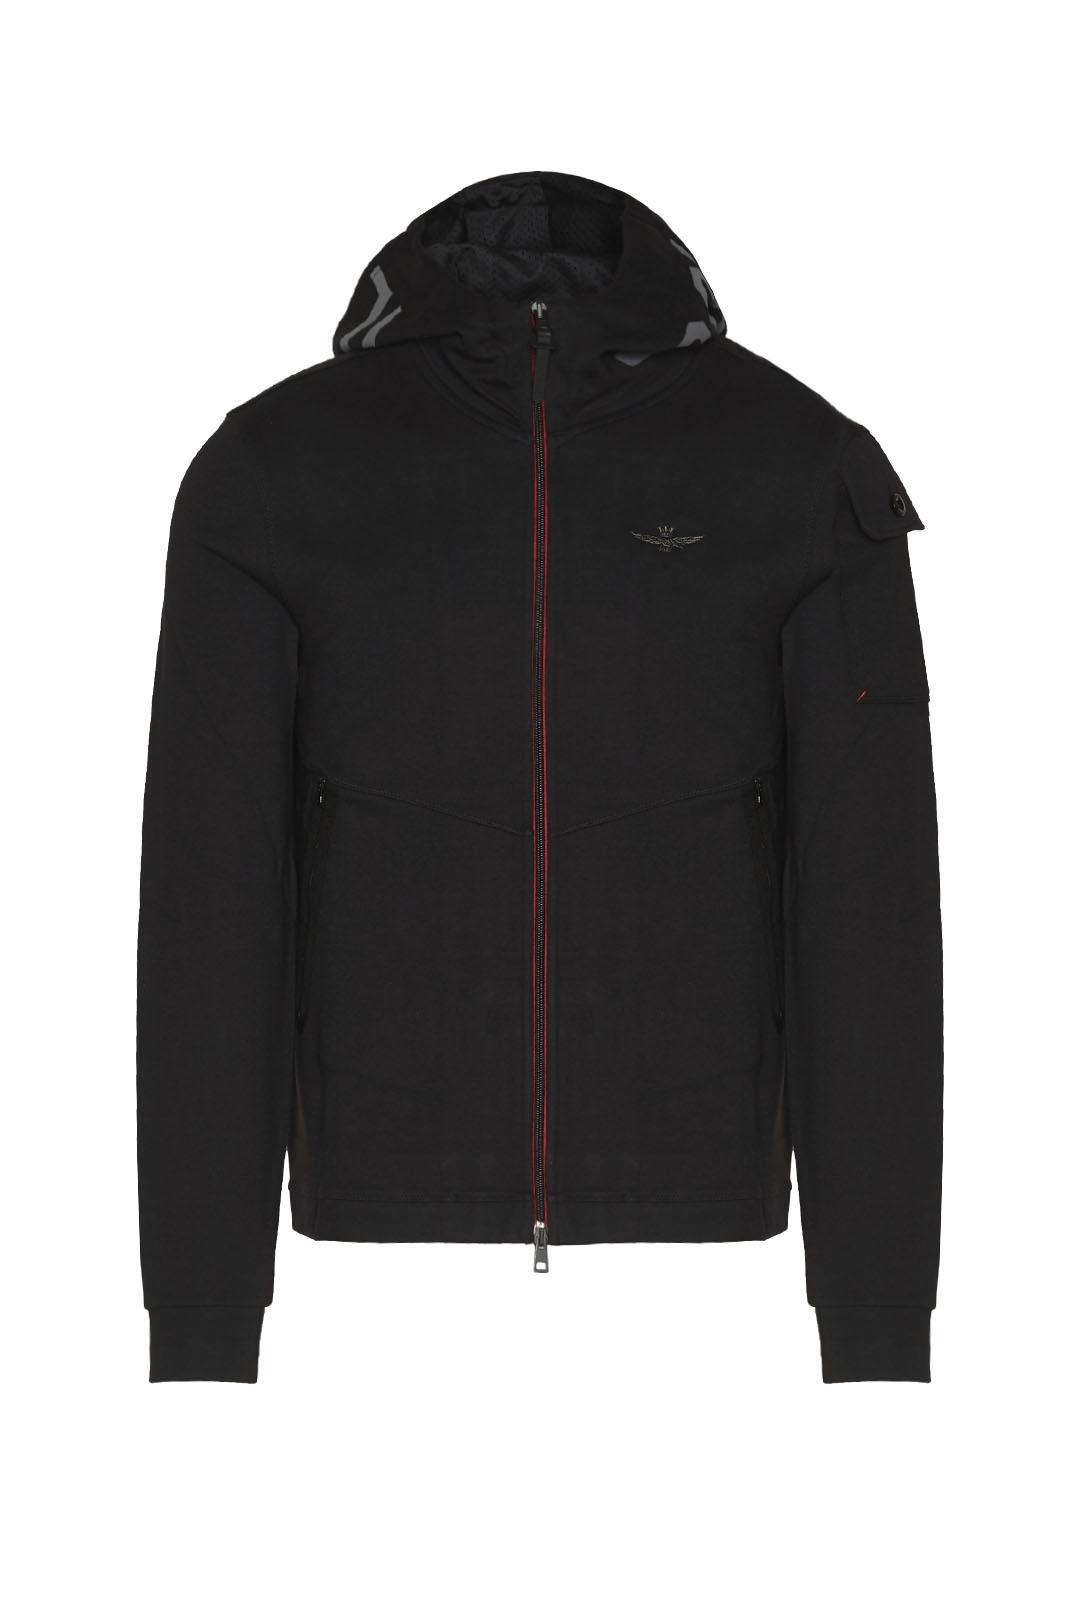 Sweatshirt interlock à capuche imprimée  1